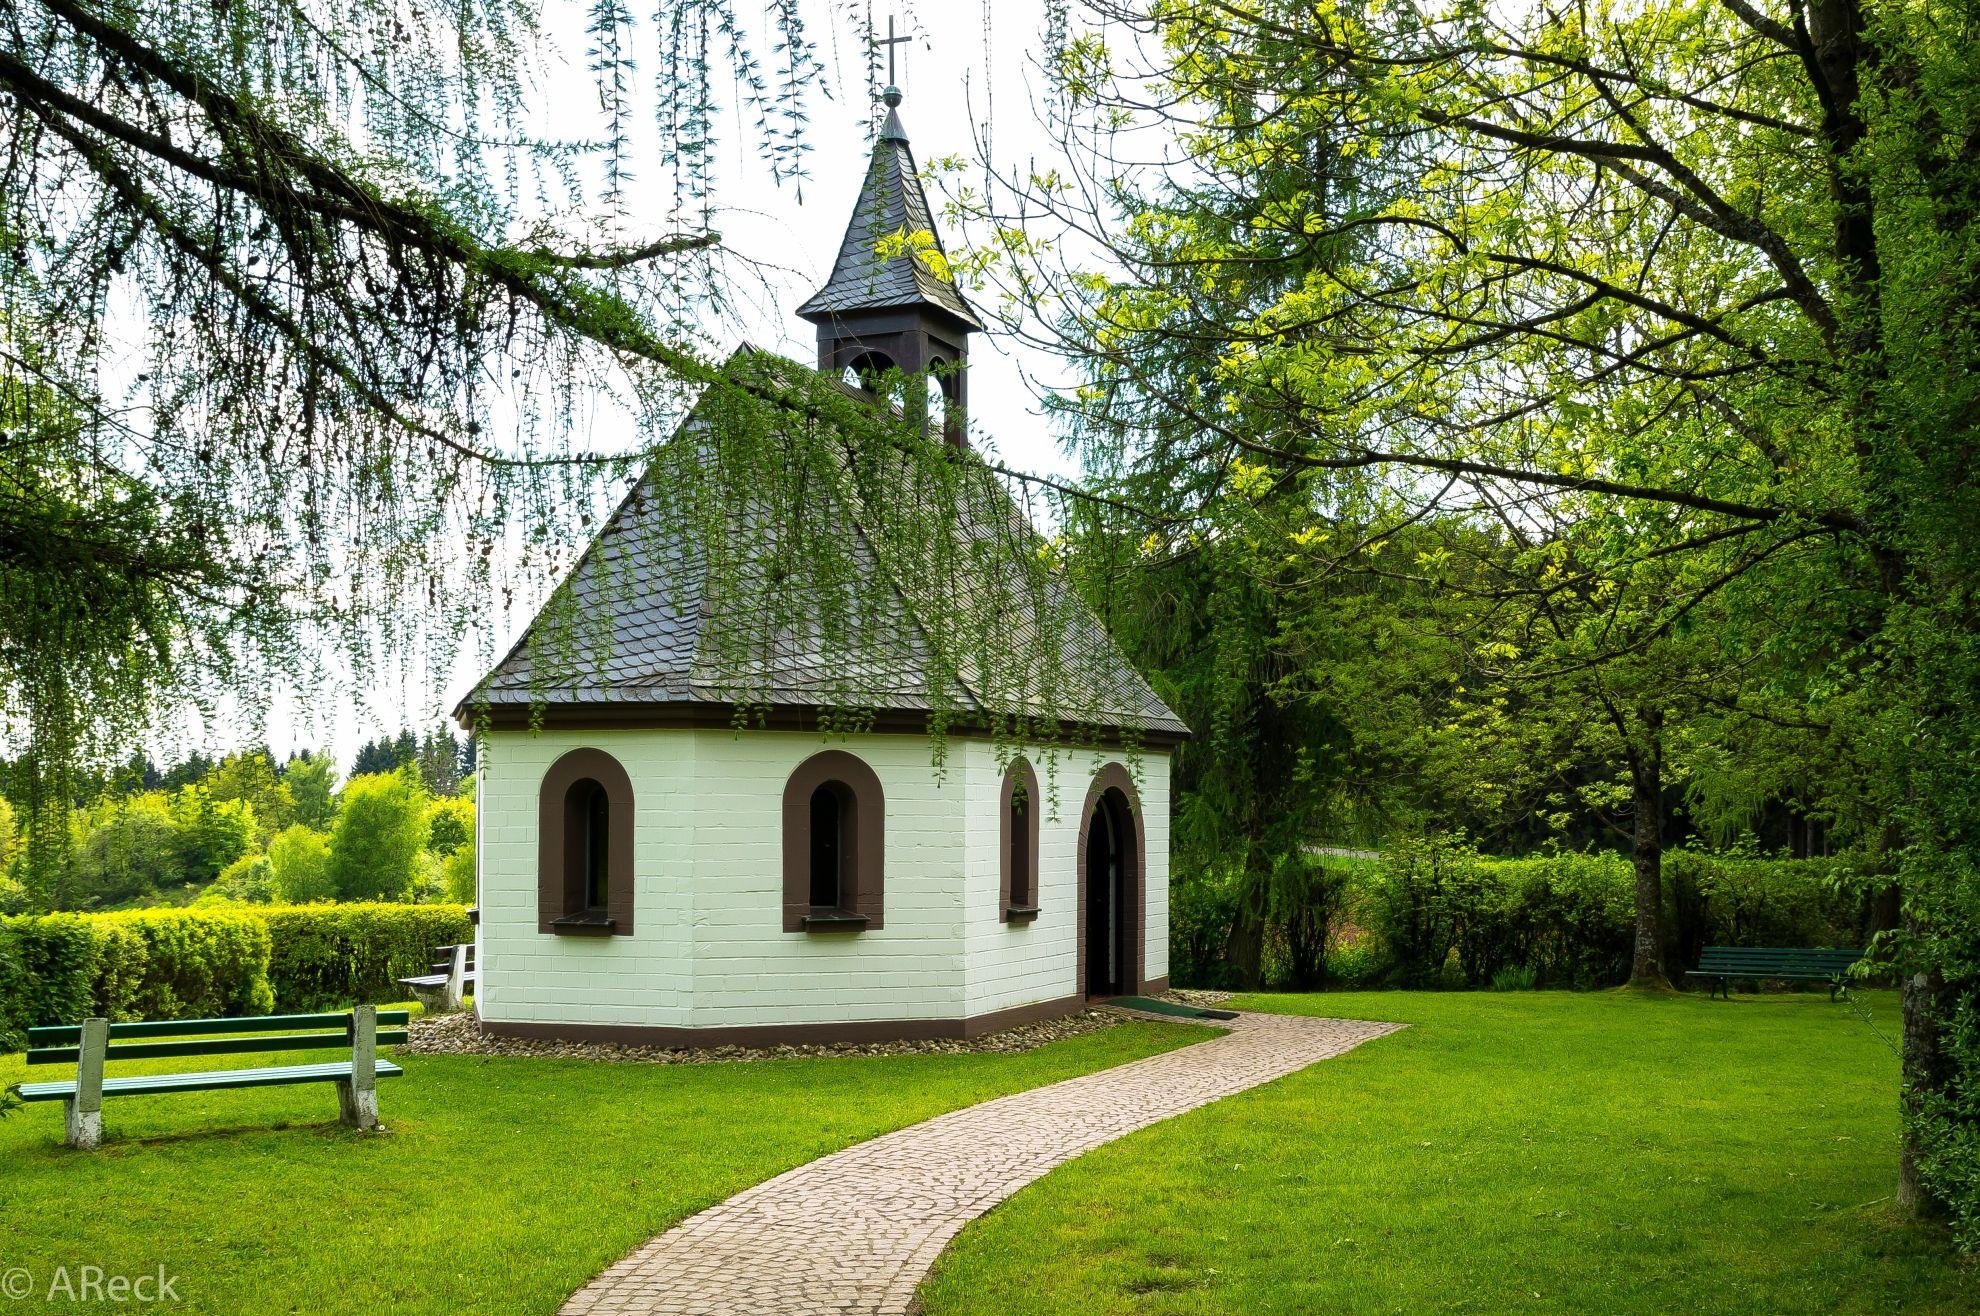 peterkapelle braunshausen im saarland eine sch ne kleine kapelle saar saarland saarland. Black Bedroom Furniture Sets. Home Design Ideas